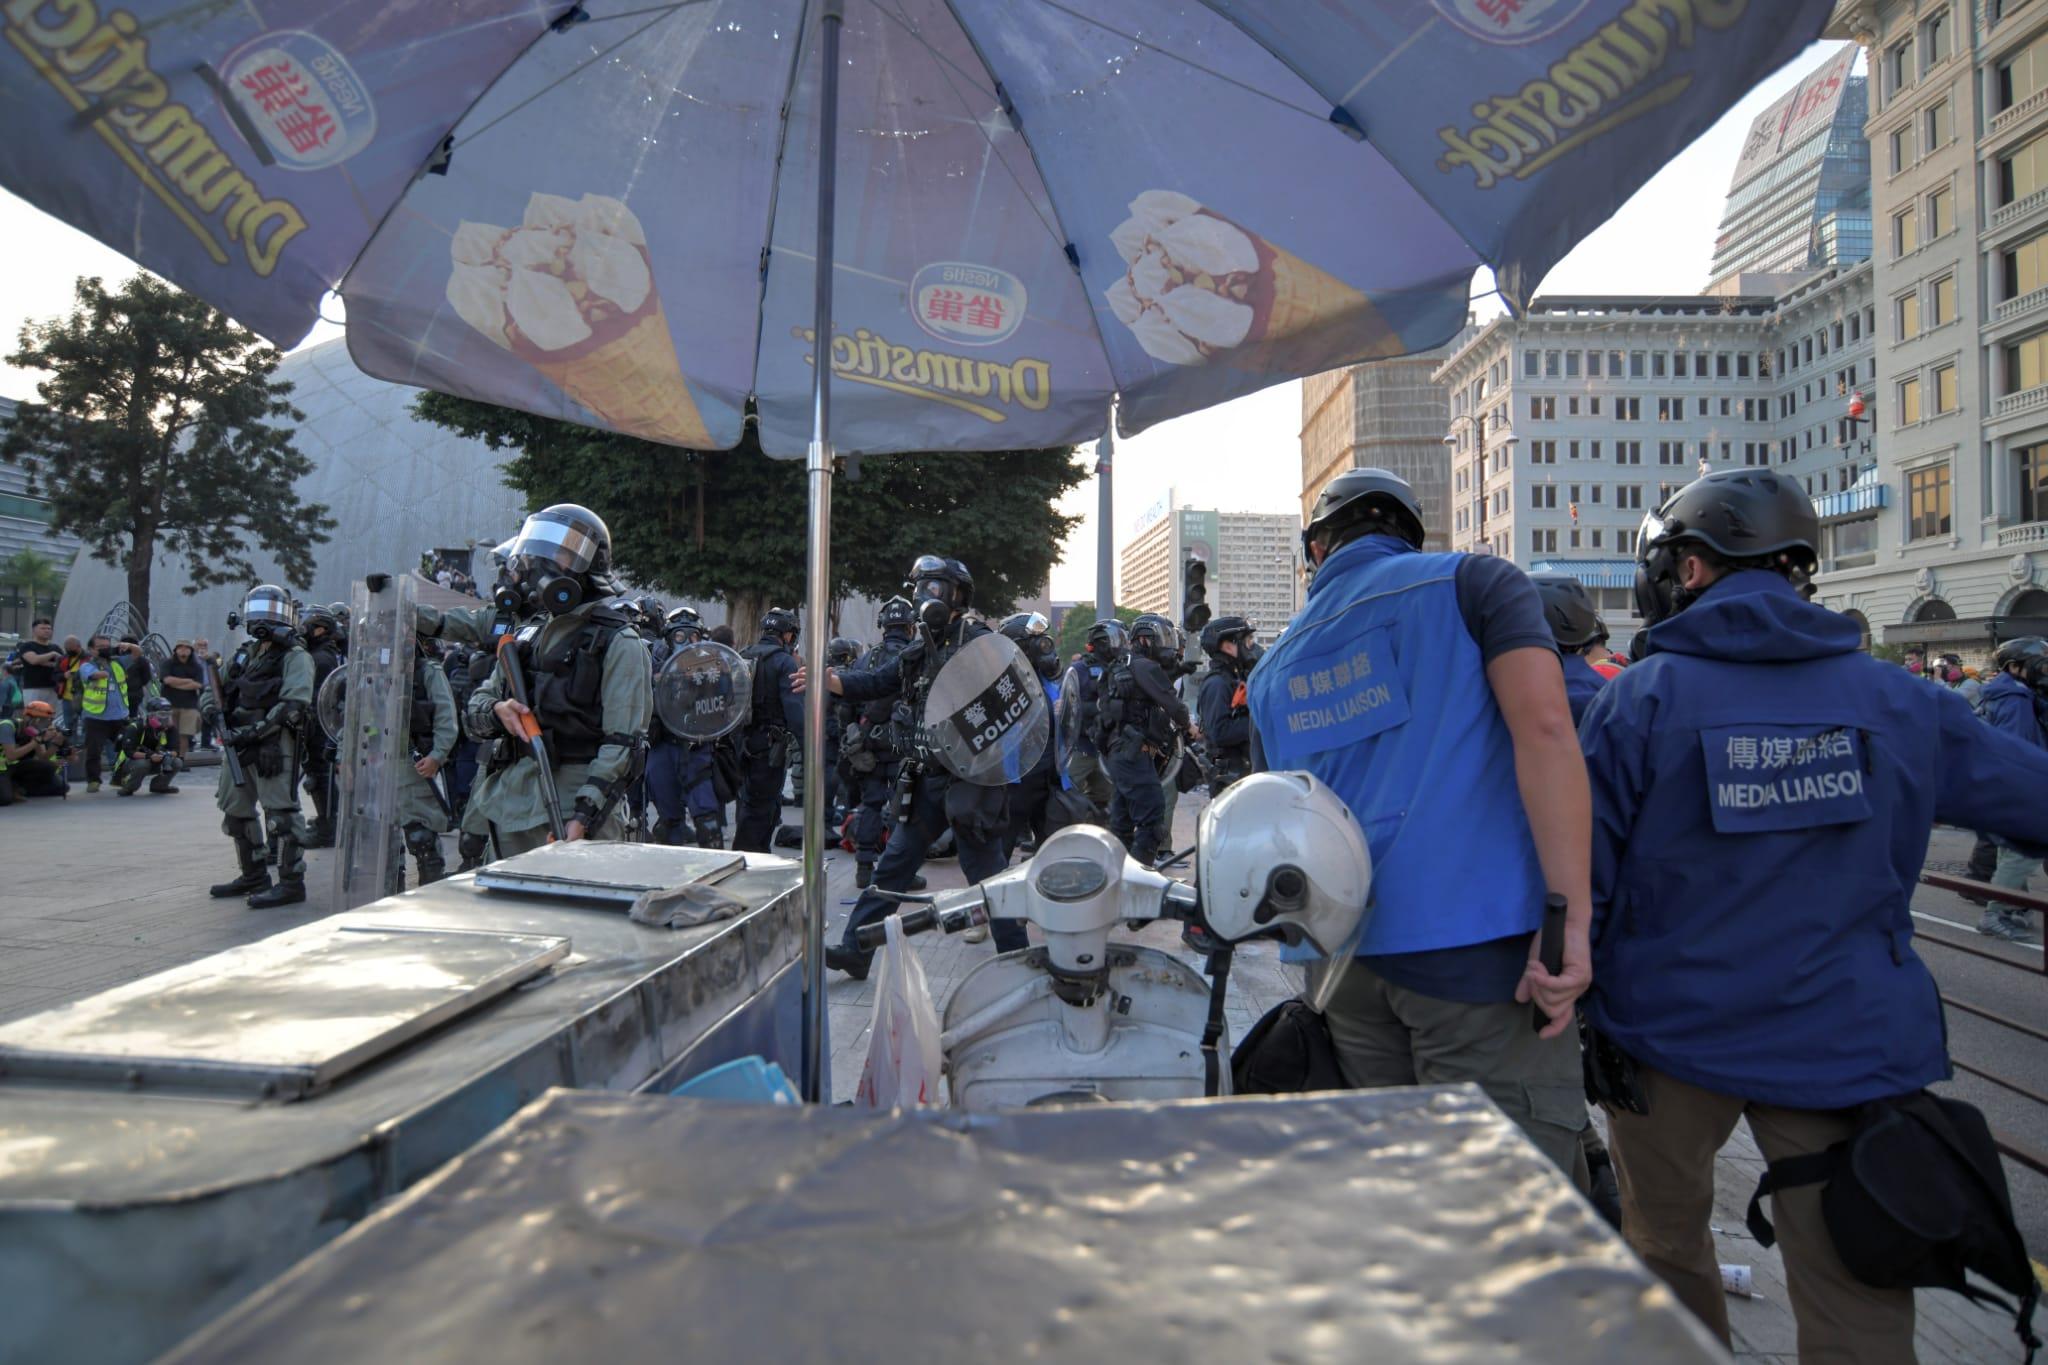 【修例風波】警方尖東多次射催淚彈彌敦道驅散示威者 多人被制服